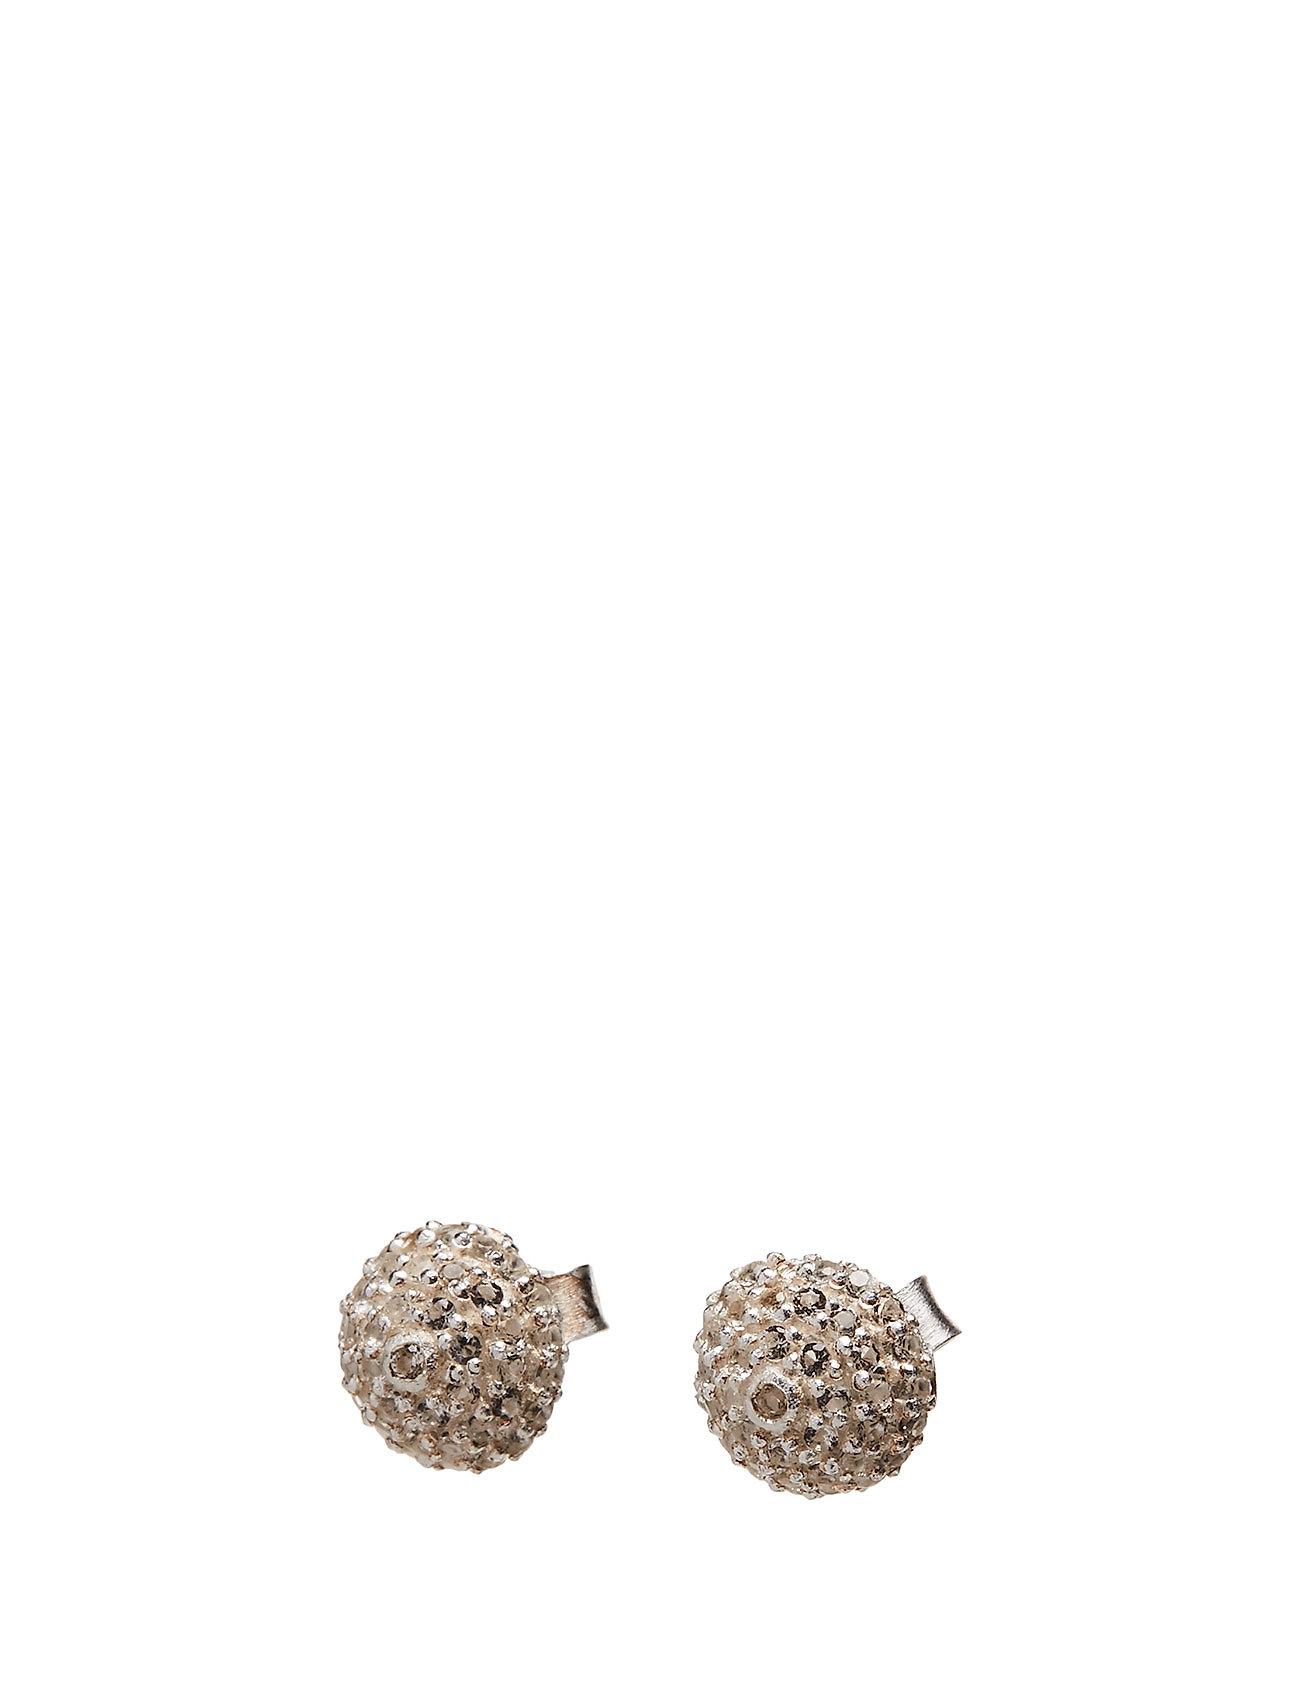 Spotlight Earrings - Jewlscph